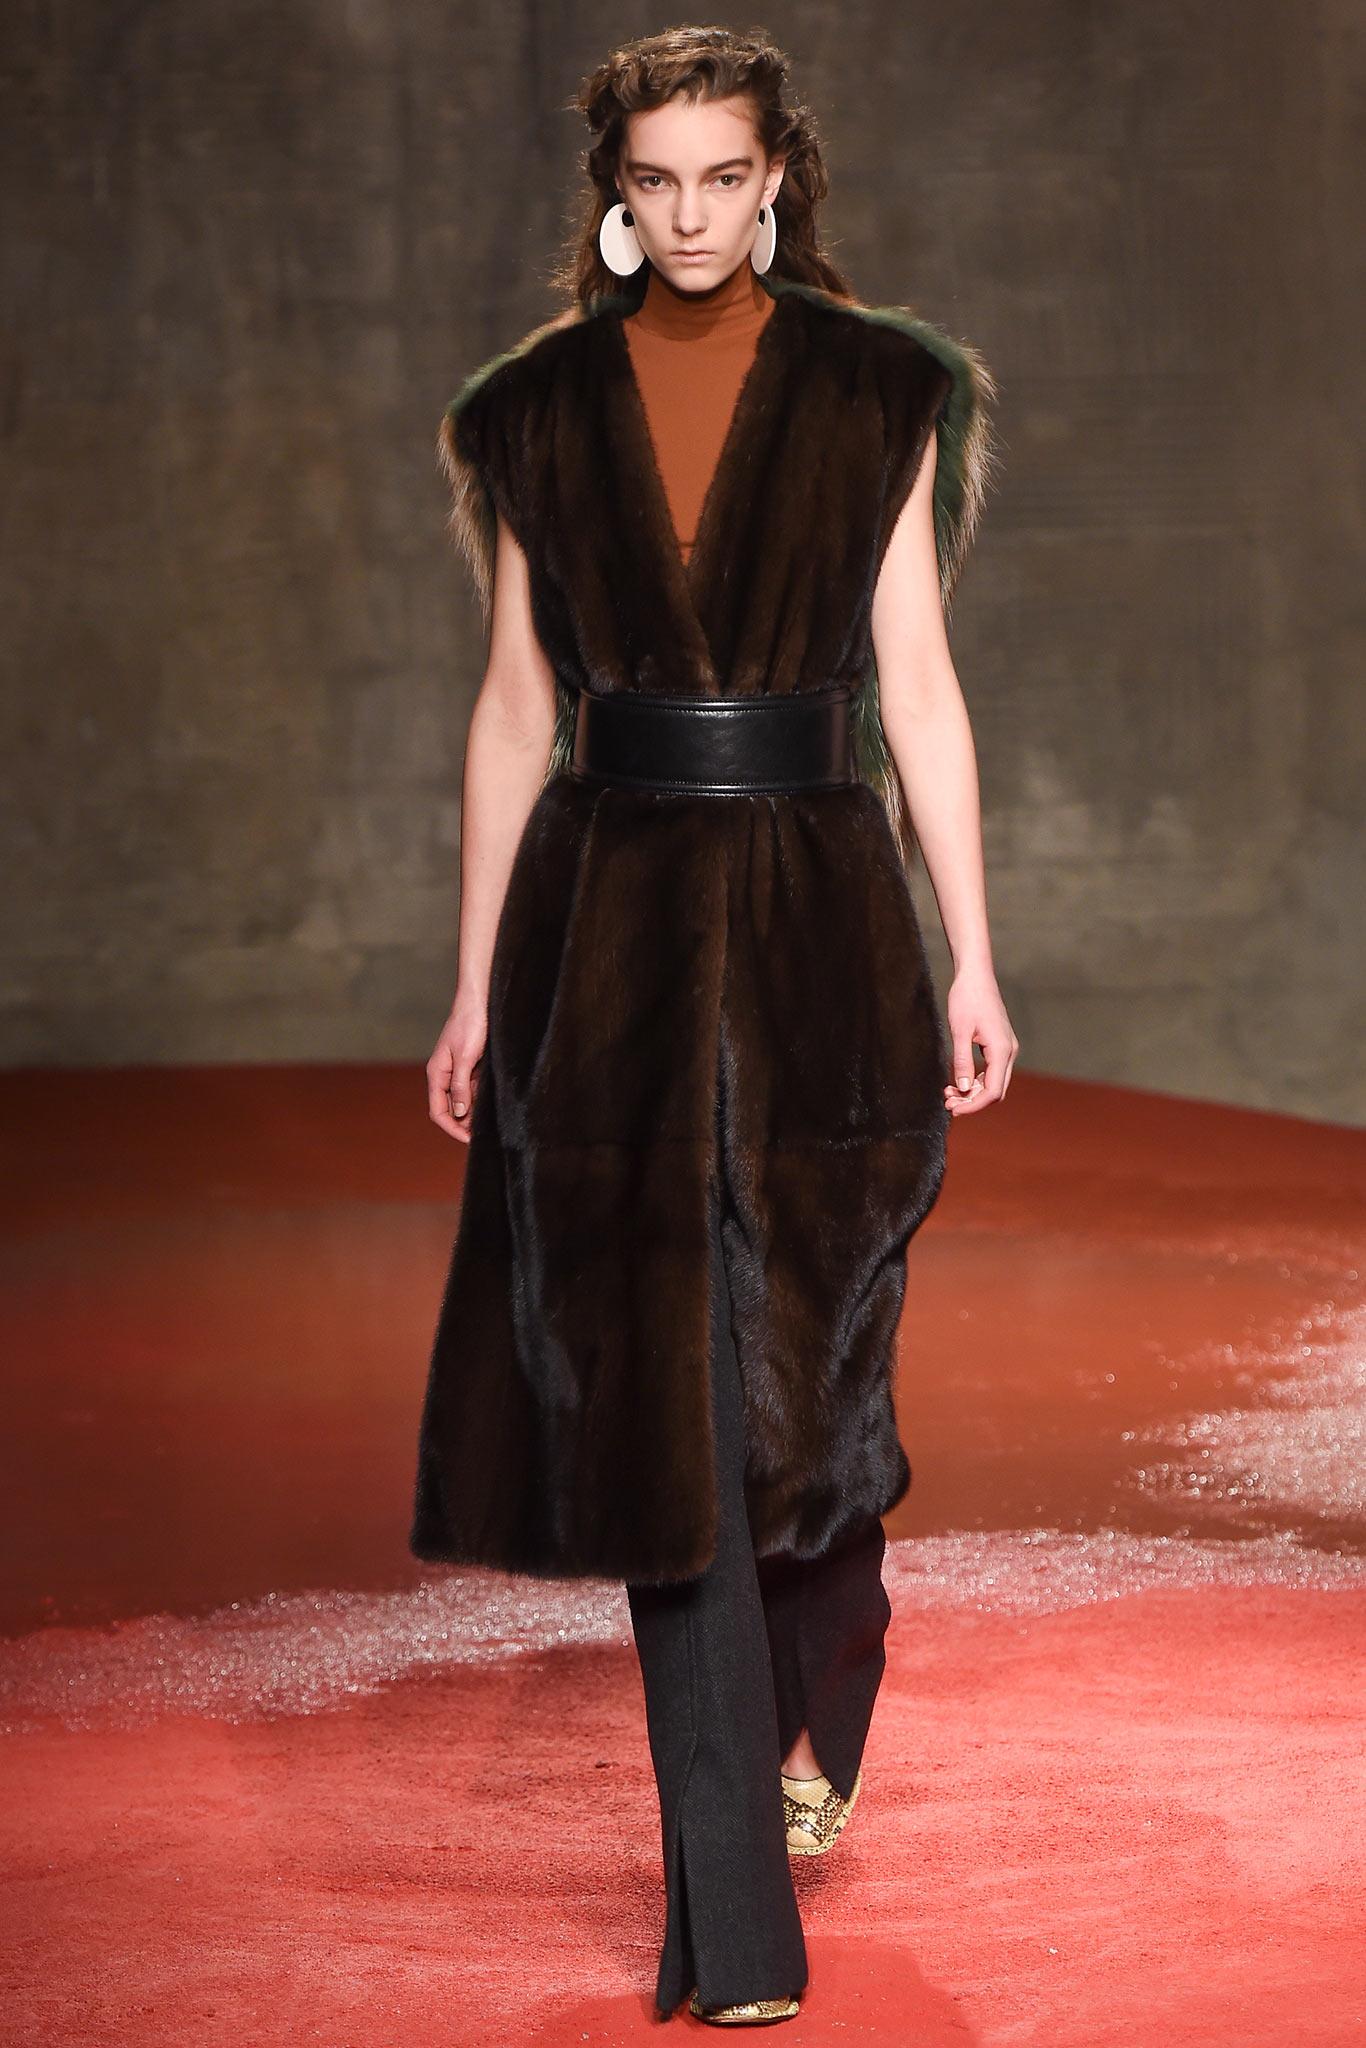 Marni весна лето 2015 Неделя моды в Милане: 6 тенденций, которые точно приживутся в России